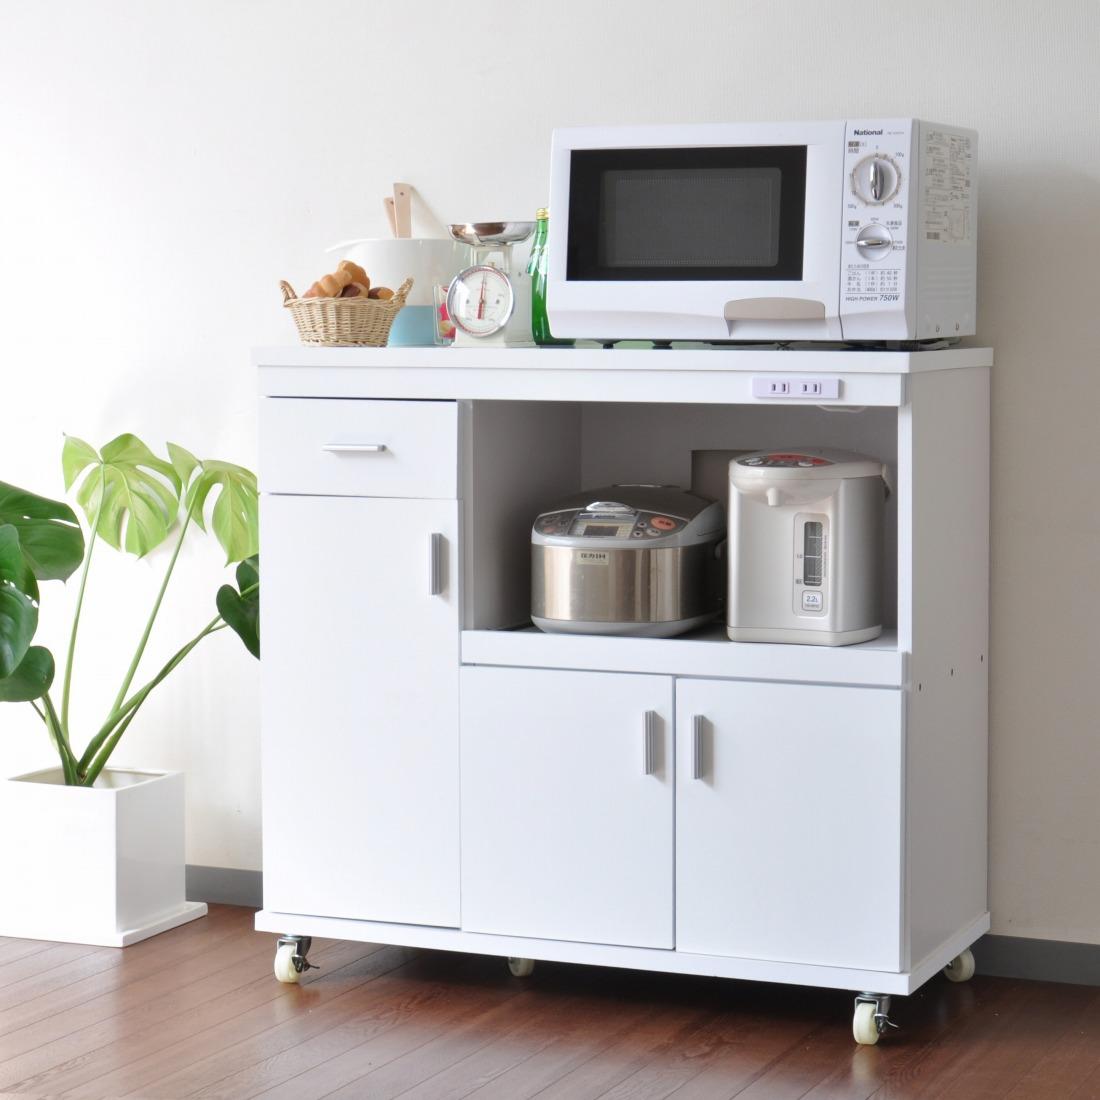 キッチンキャビネット ルミナーレ HN-9090RE(代引き不可)